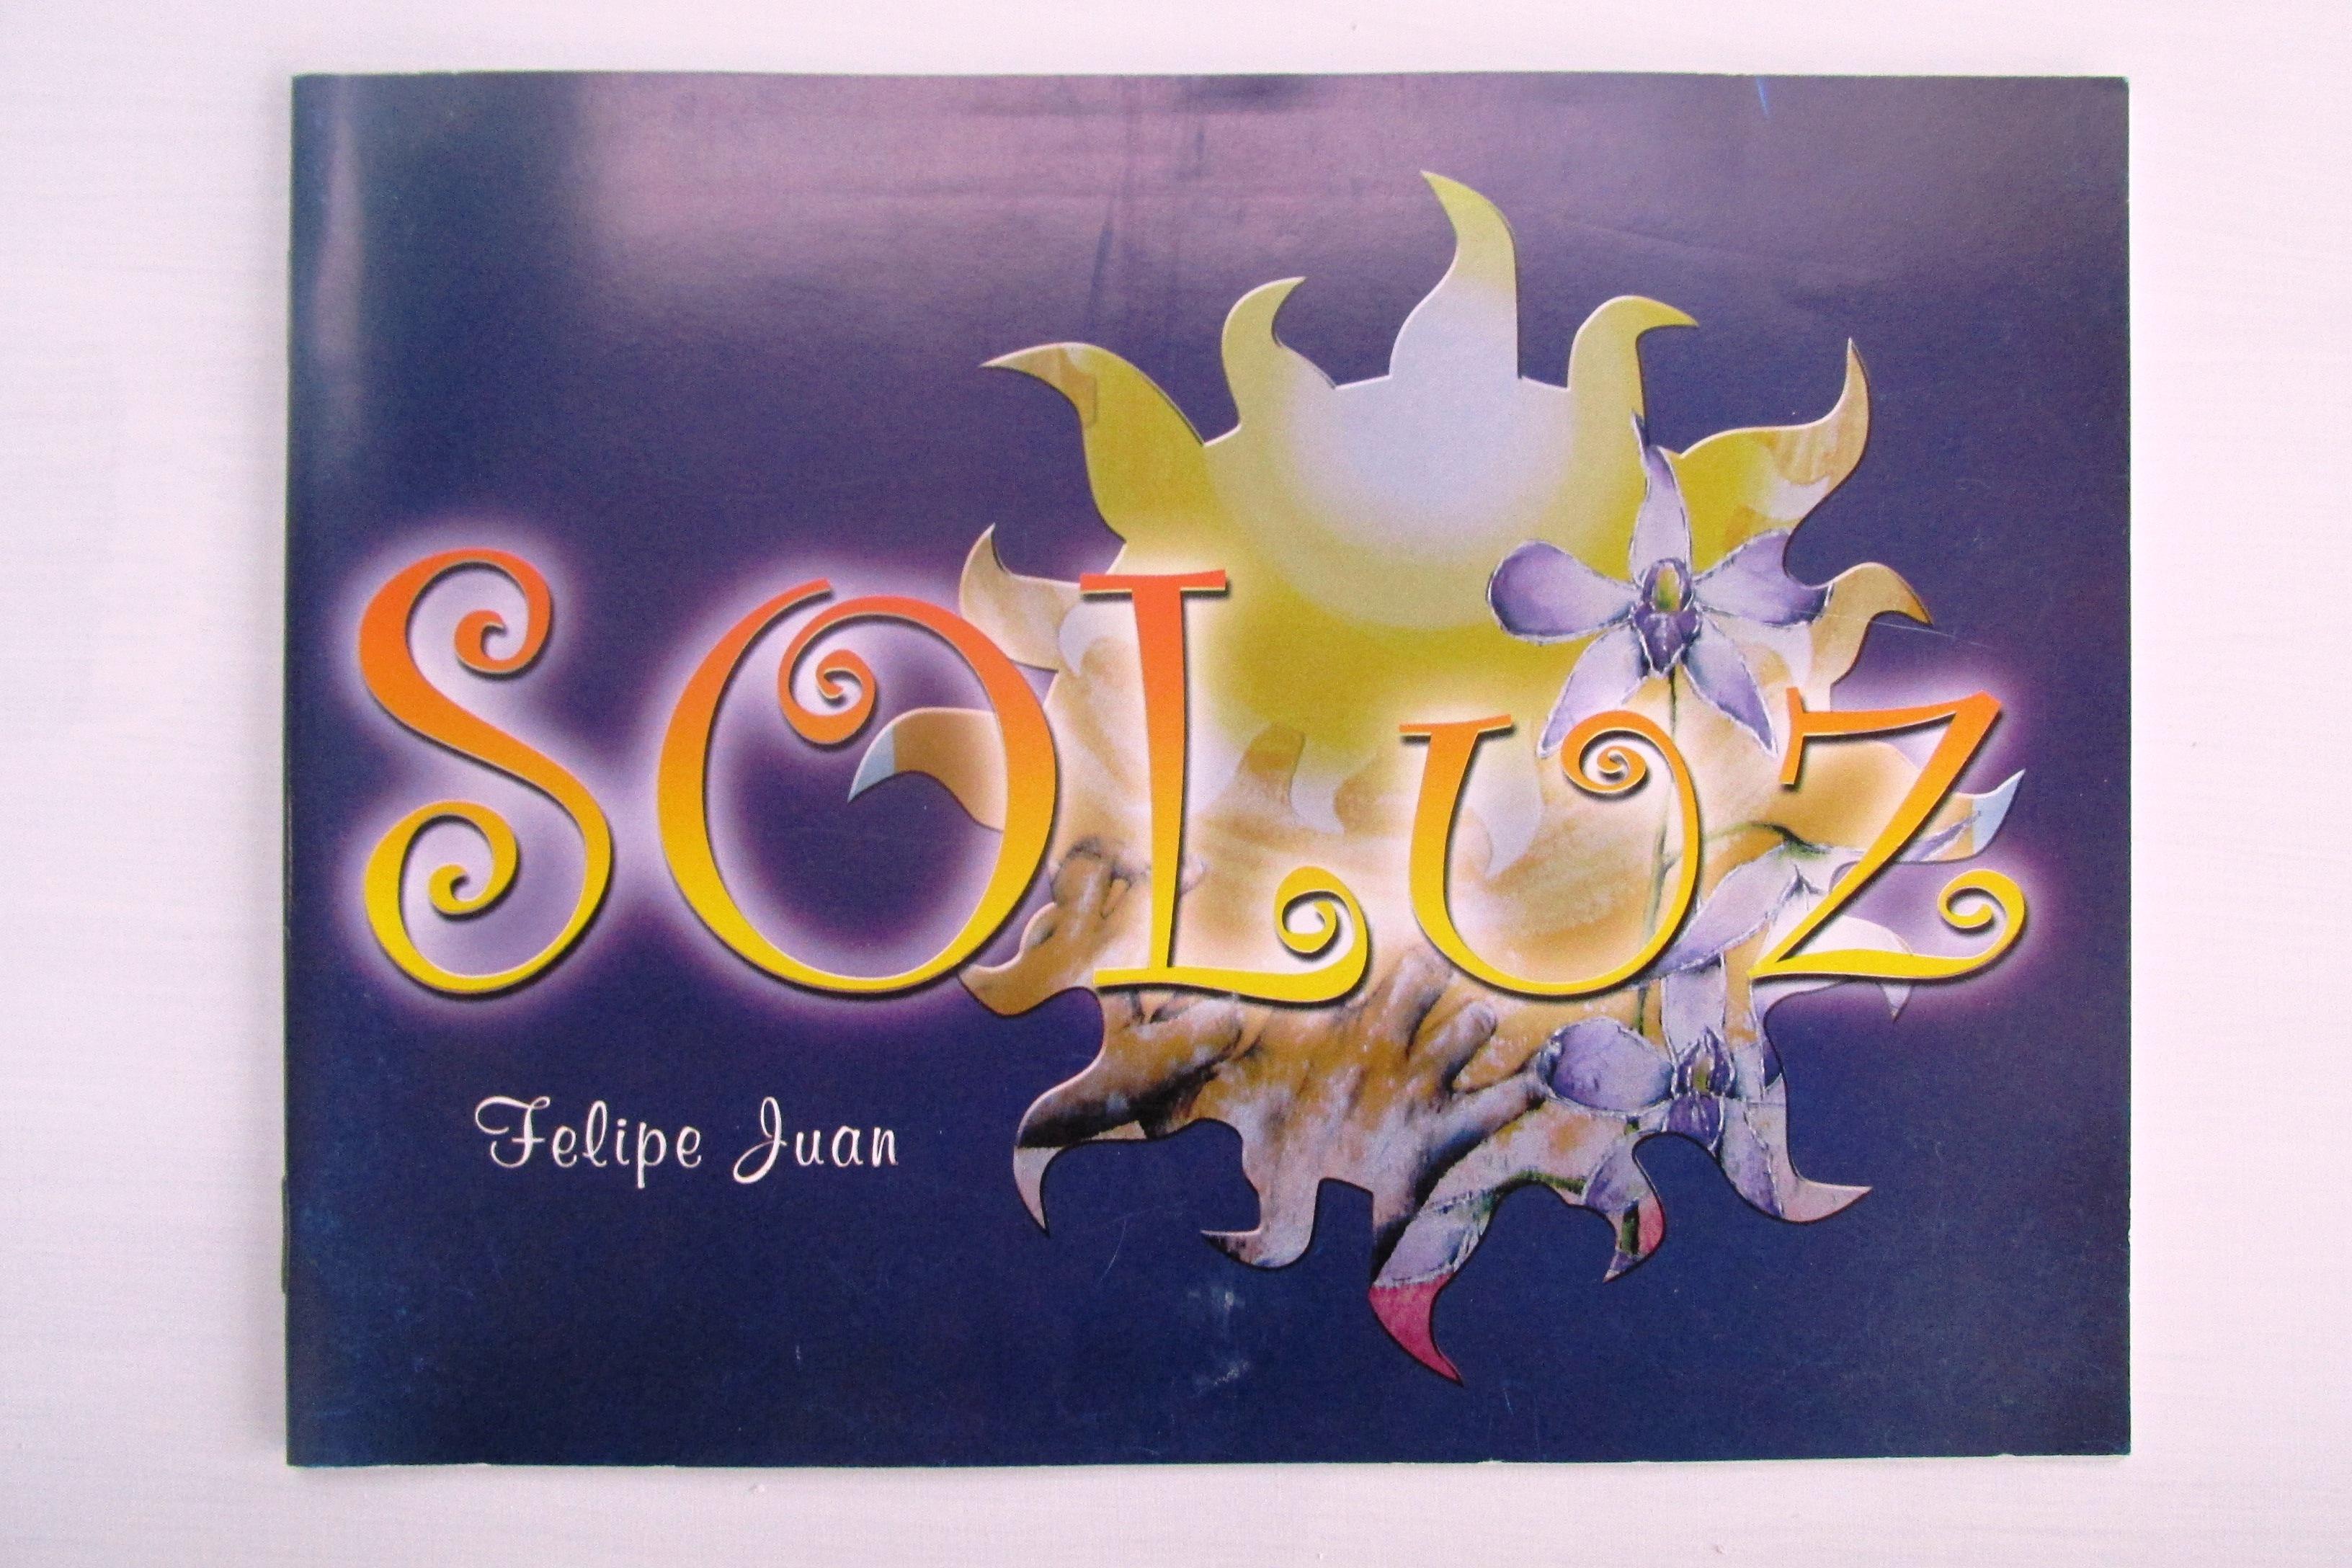 CatálogoSoLuz 2004